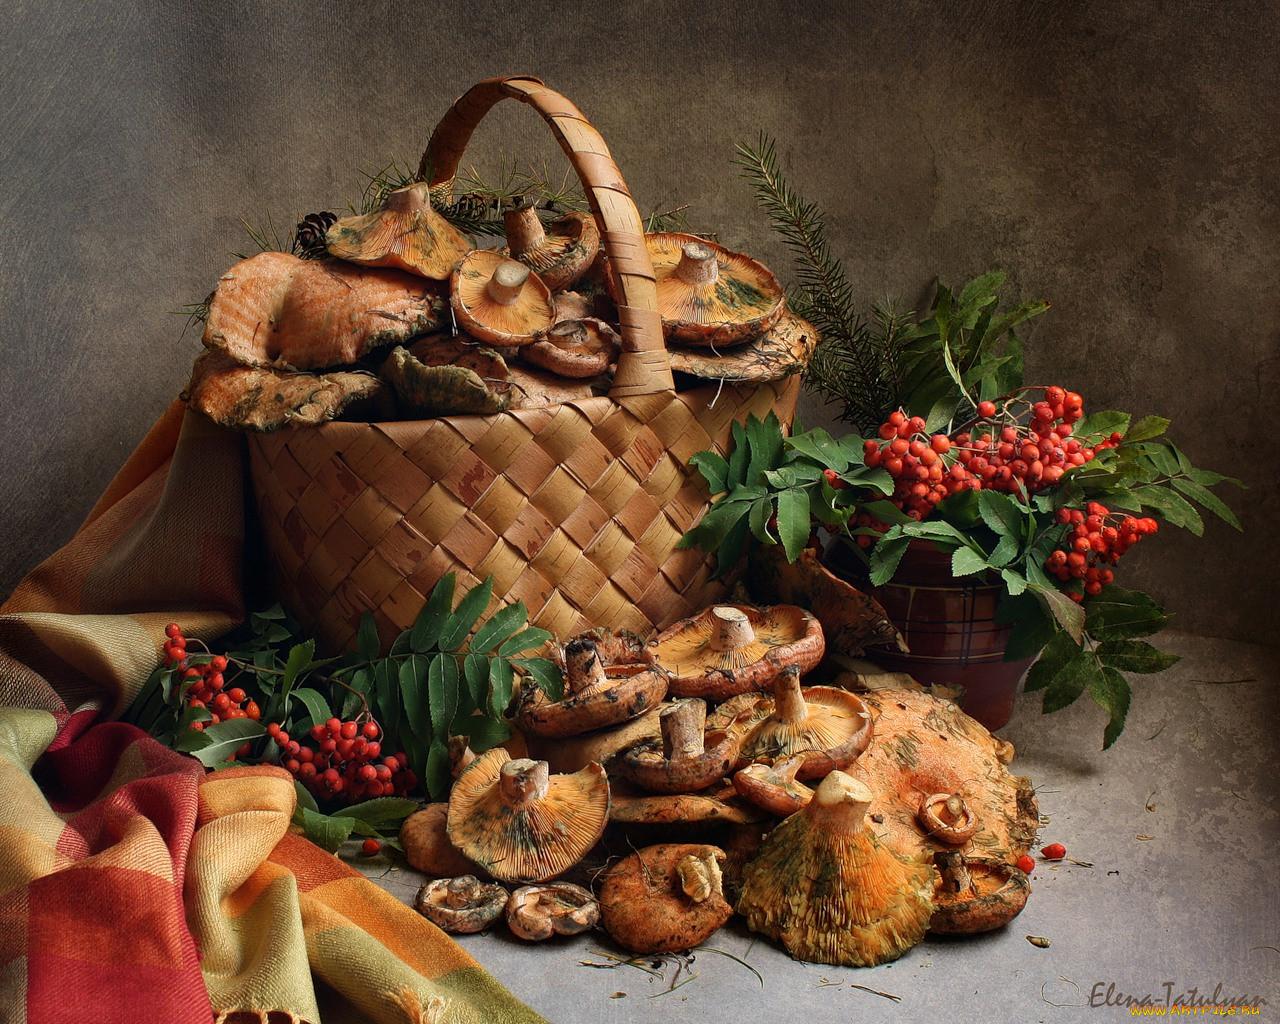 Фото осенние грибы в корзинке 4